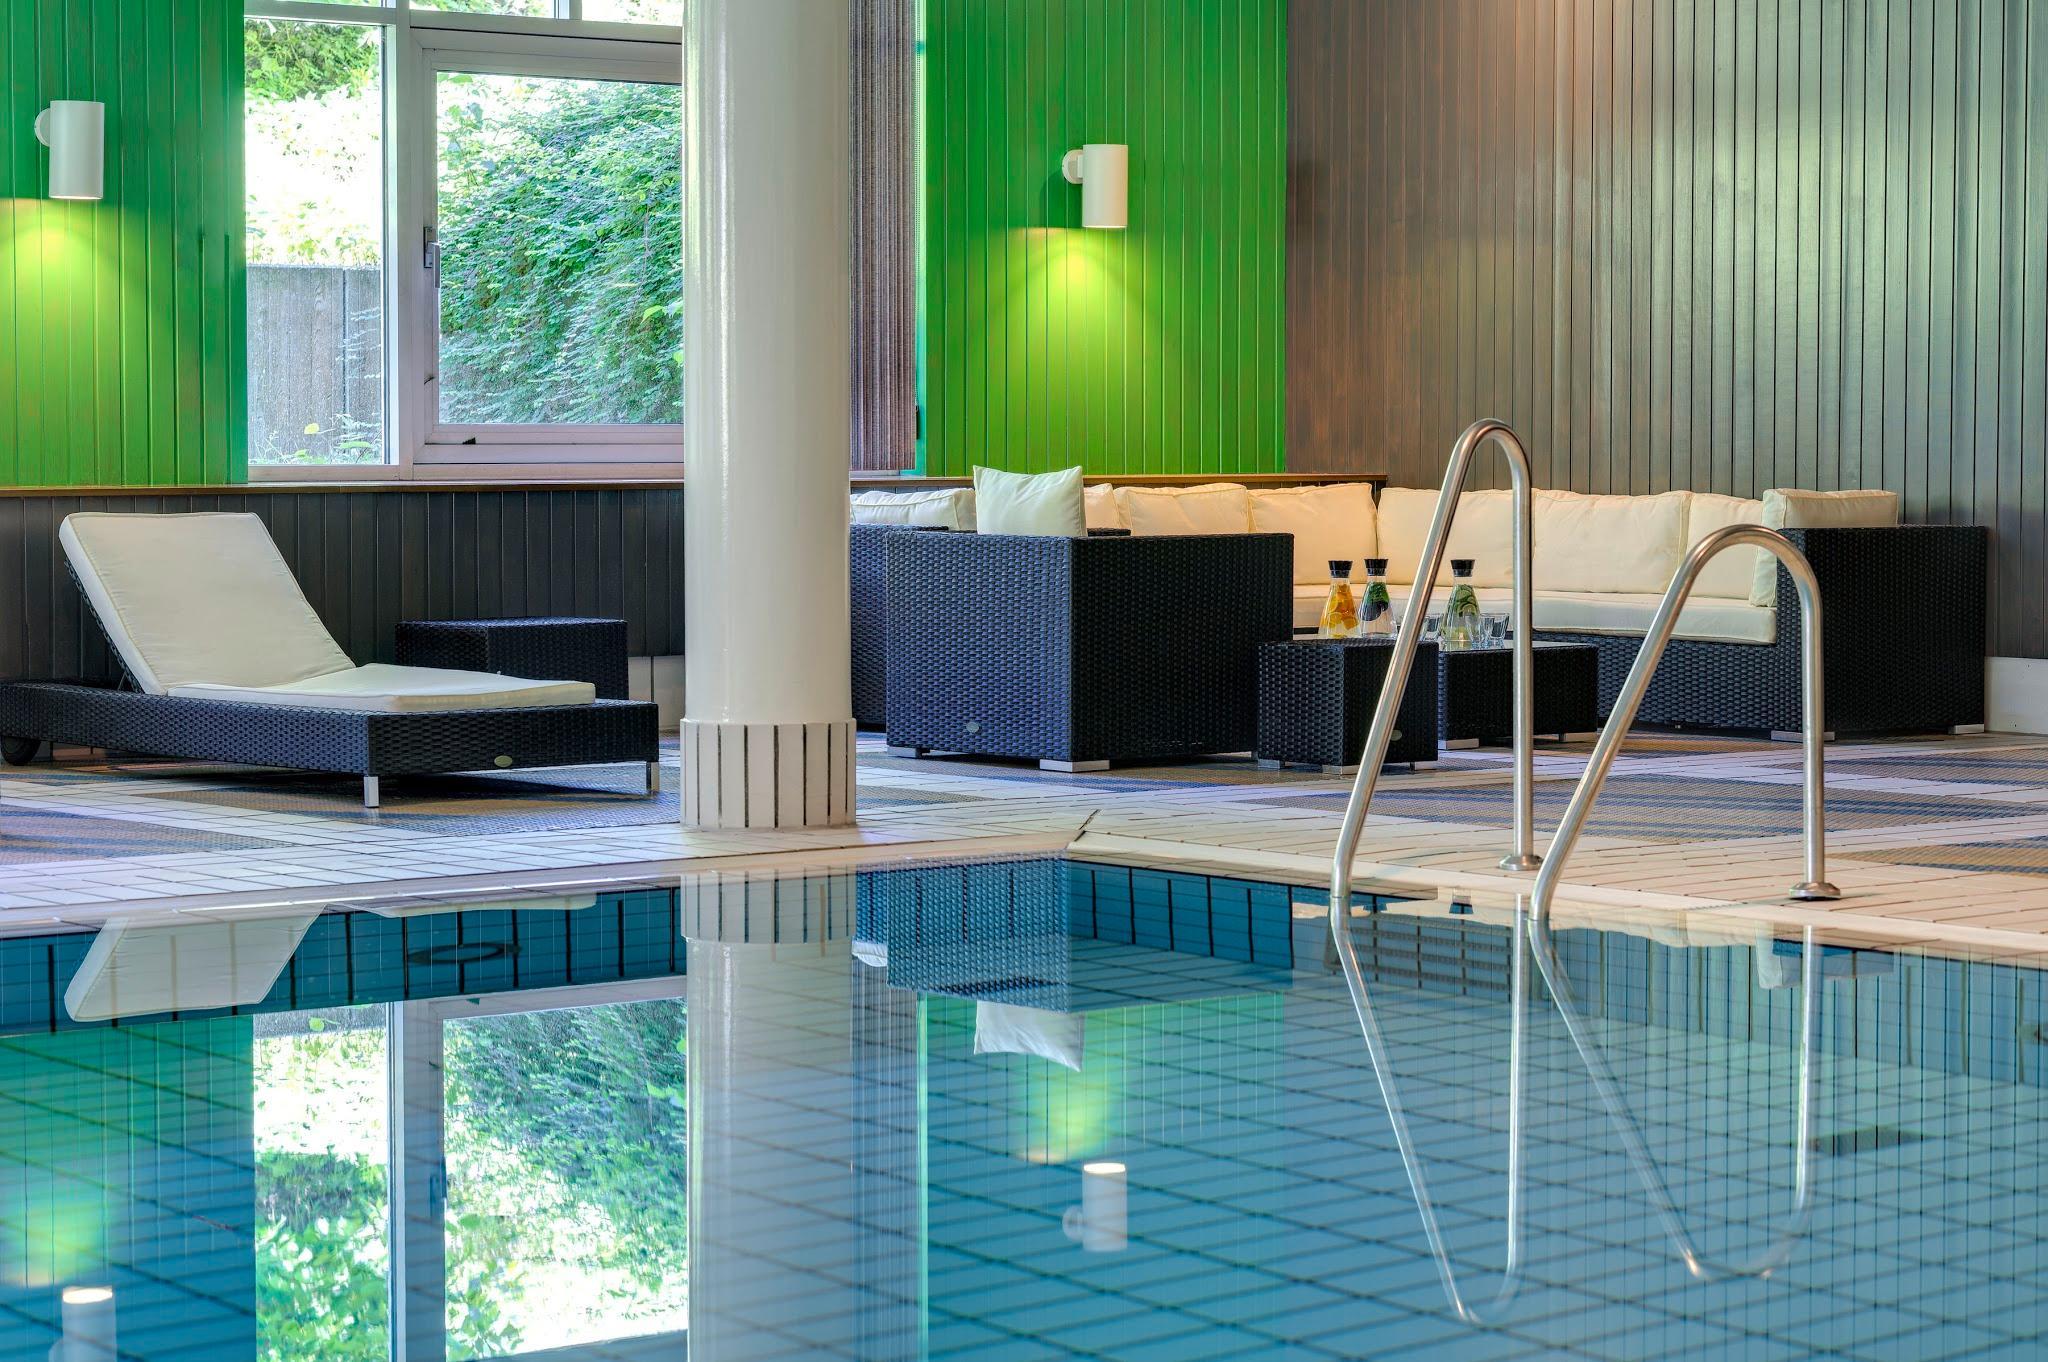 radisson blu hotel dortmund in dortmund ffnungszeiten adresse. Black Bedroom Furniture Sets. Home Design Ideas